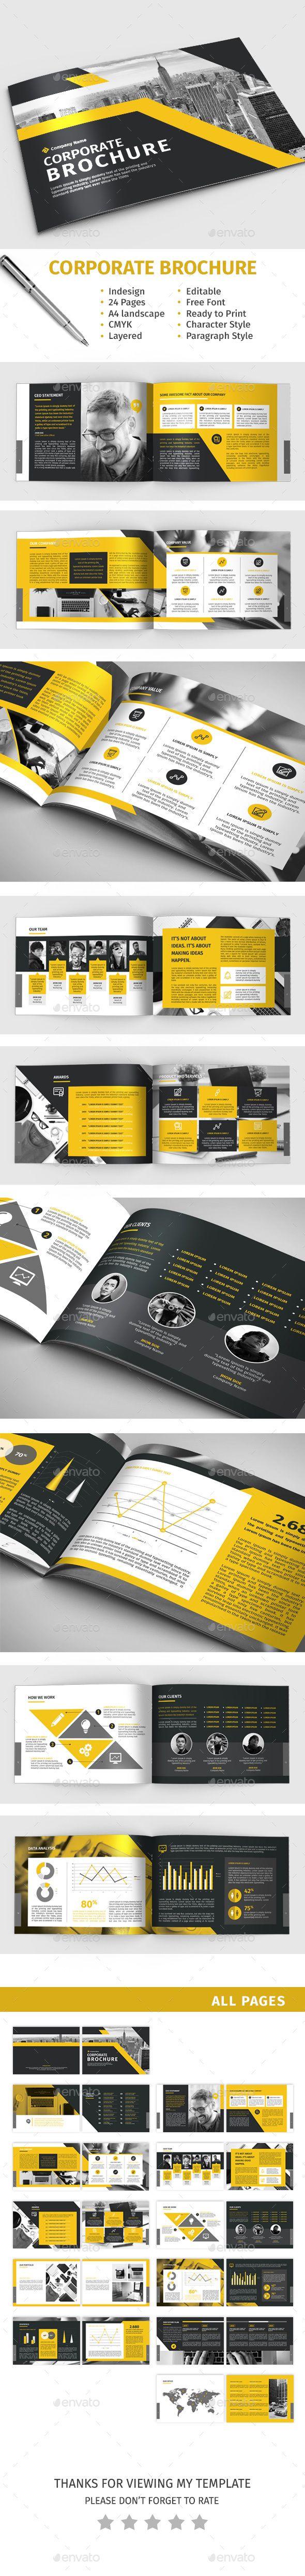 Corporate Brochure   Portafolio, Diseño editorial y Editorial